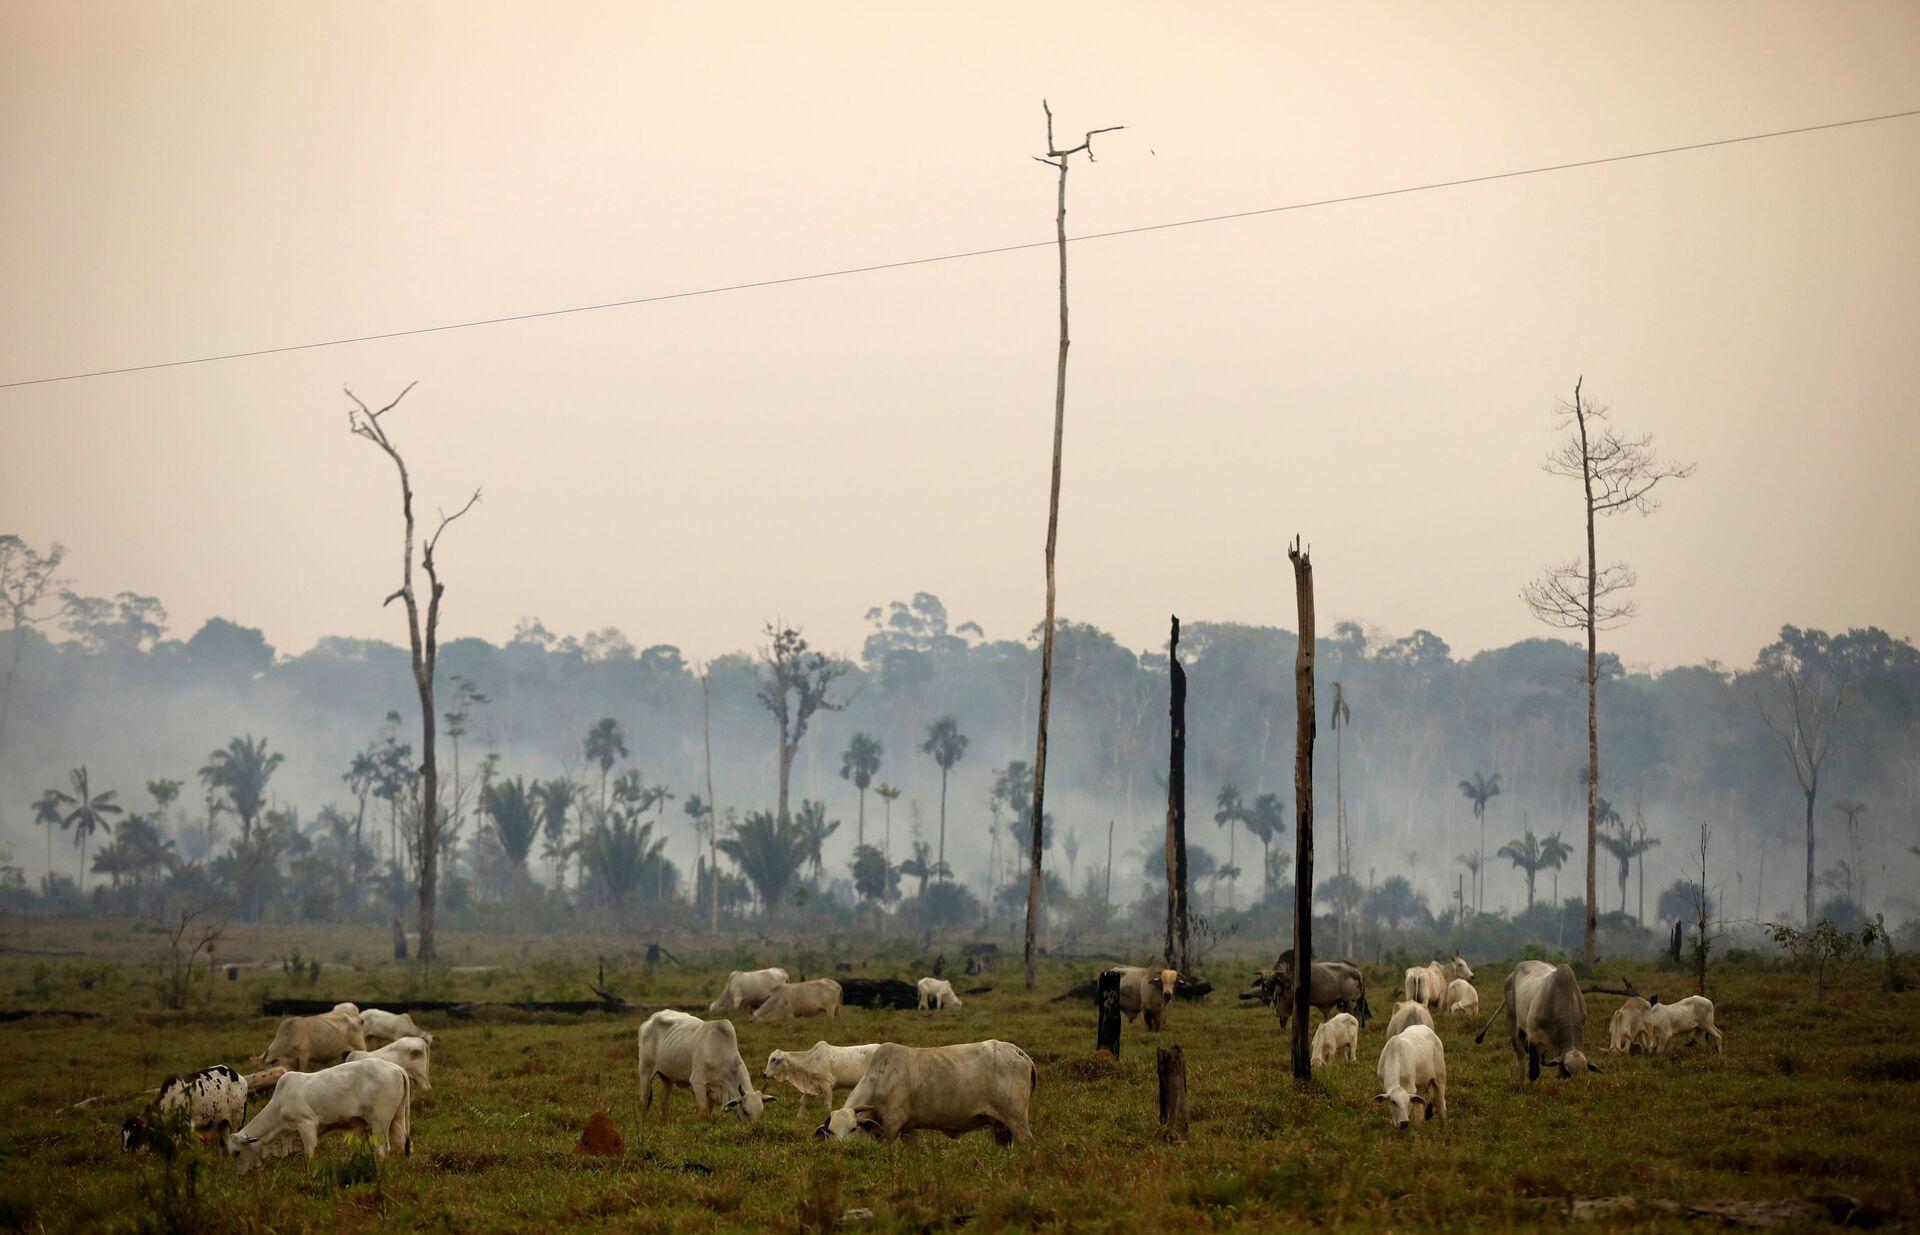 Tình trạng tàn phá hàng loạt rừng nhiệt đới sẽ dẫn đến những thay đổi thảm khốc - Sputnik Việt Nam, 1920, 17.03.2021